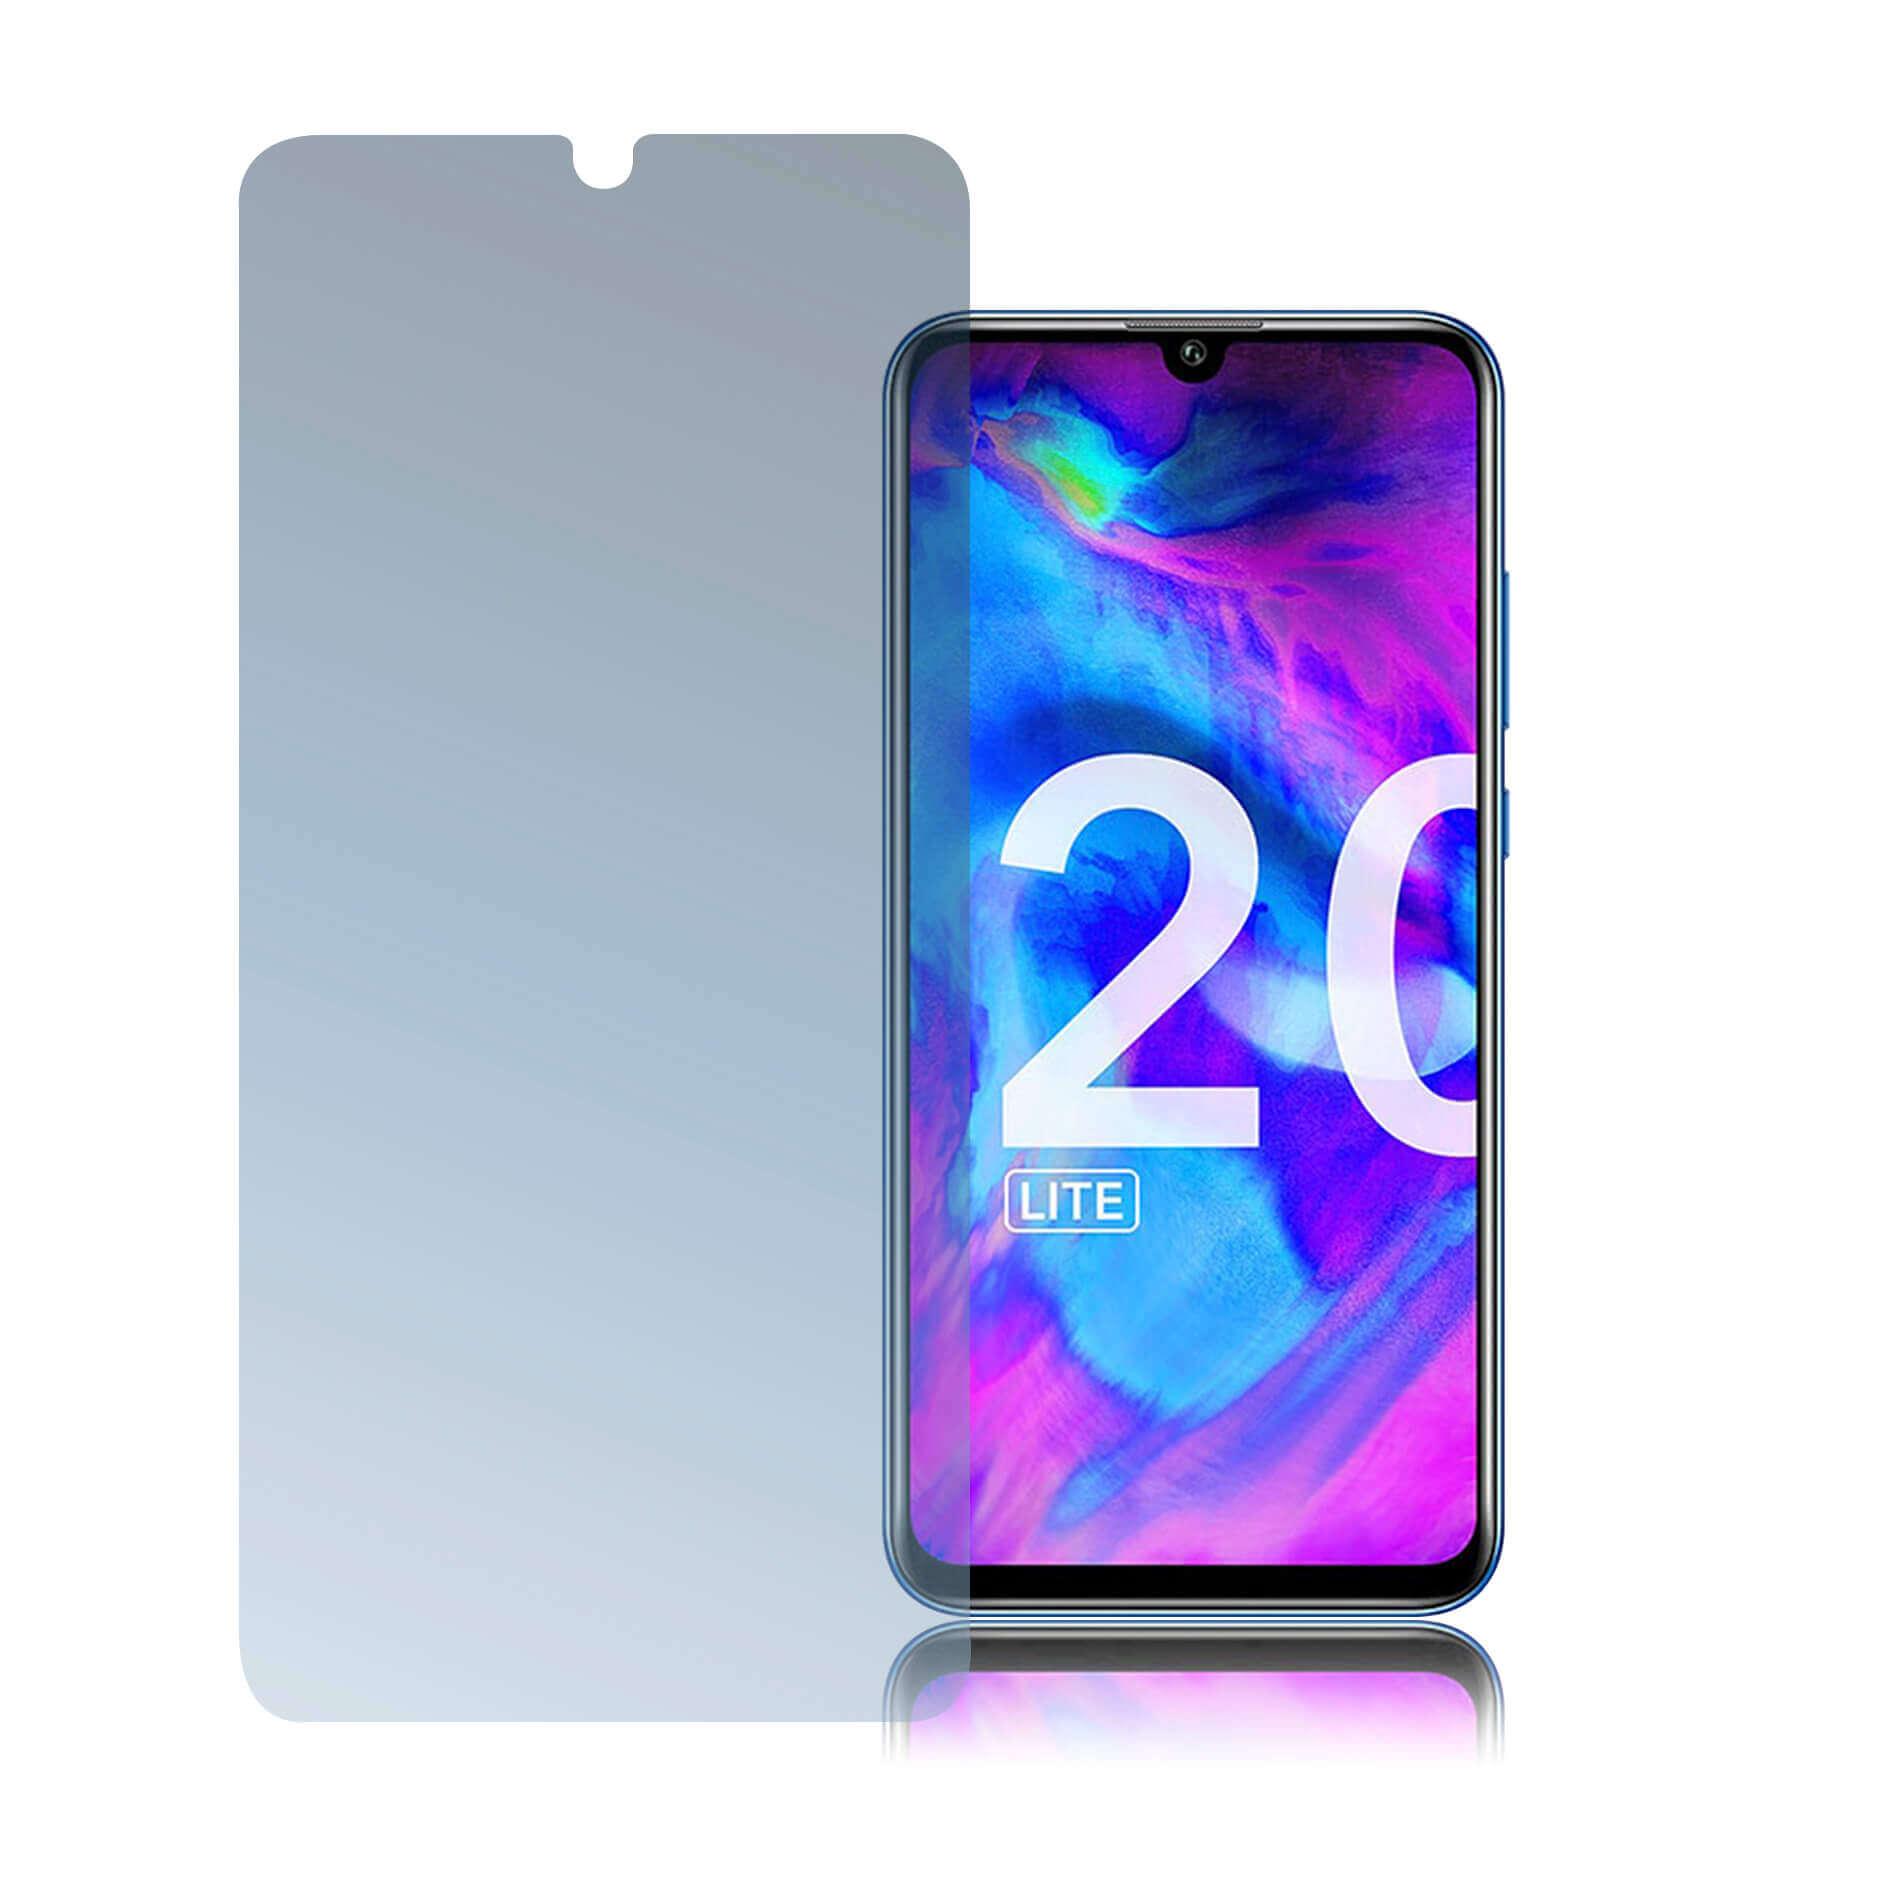 4smarts Second Glass Limited Cover — калено стъклено защитно покритие за дисплея на Huawei Honor 20 Lite (прозрачен) - 1